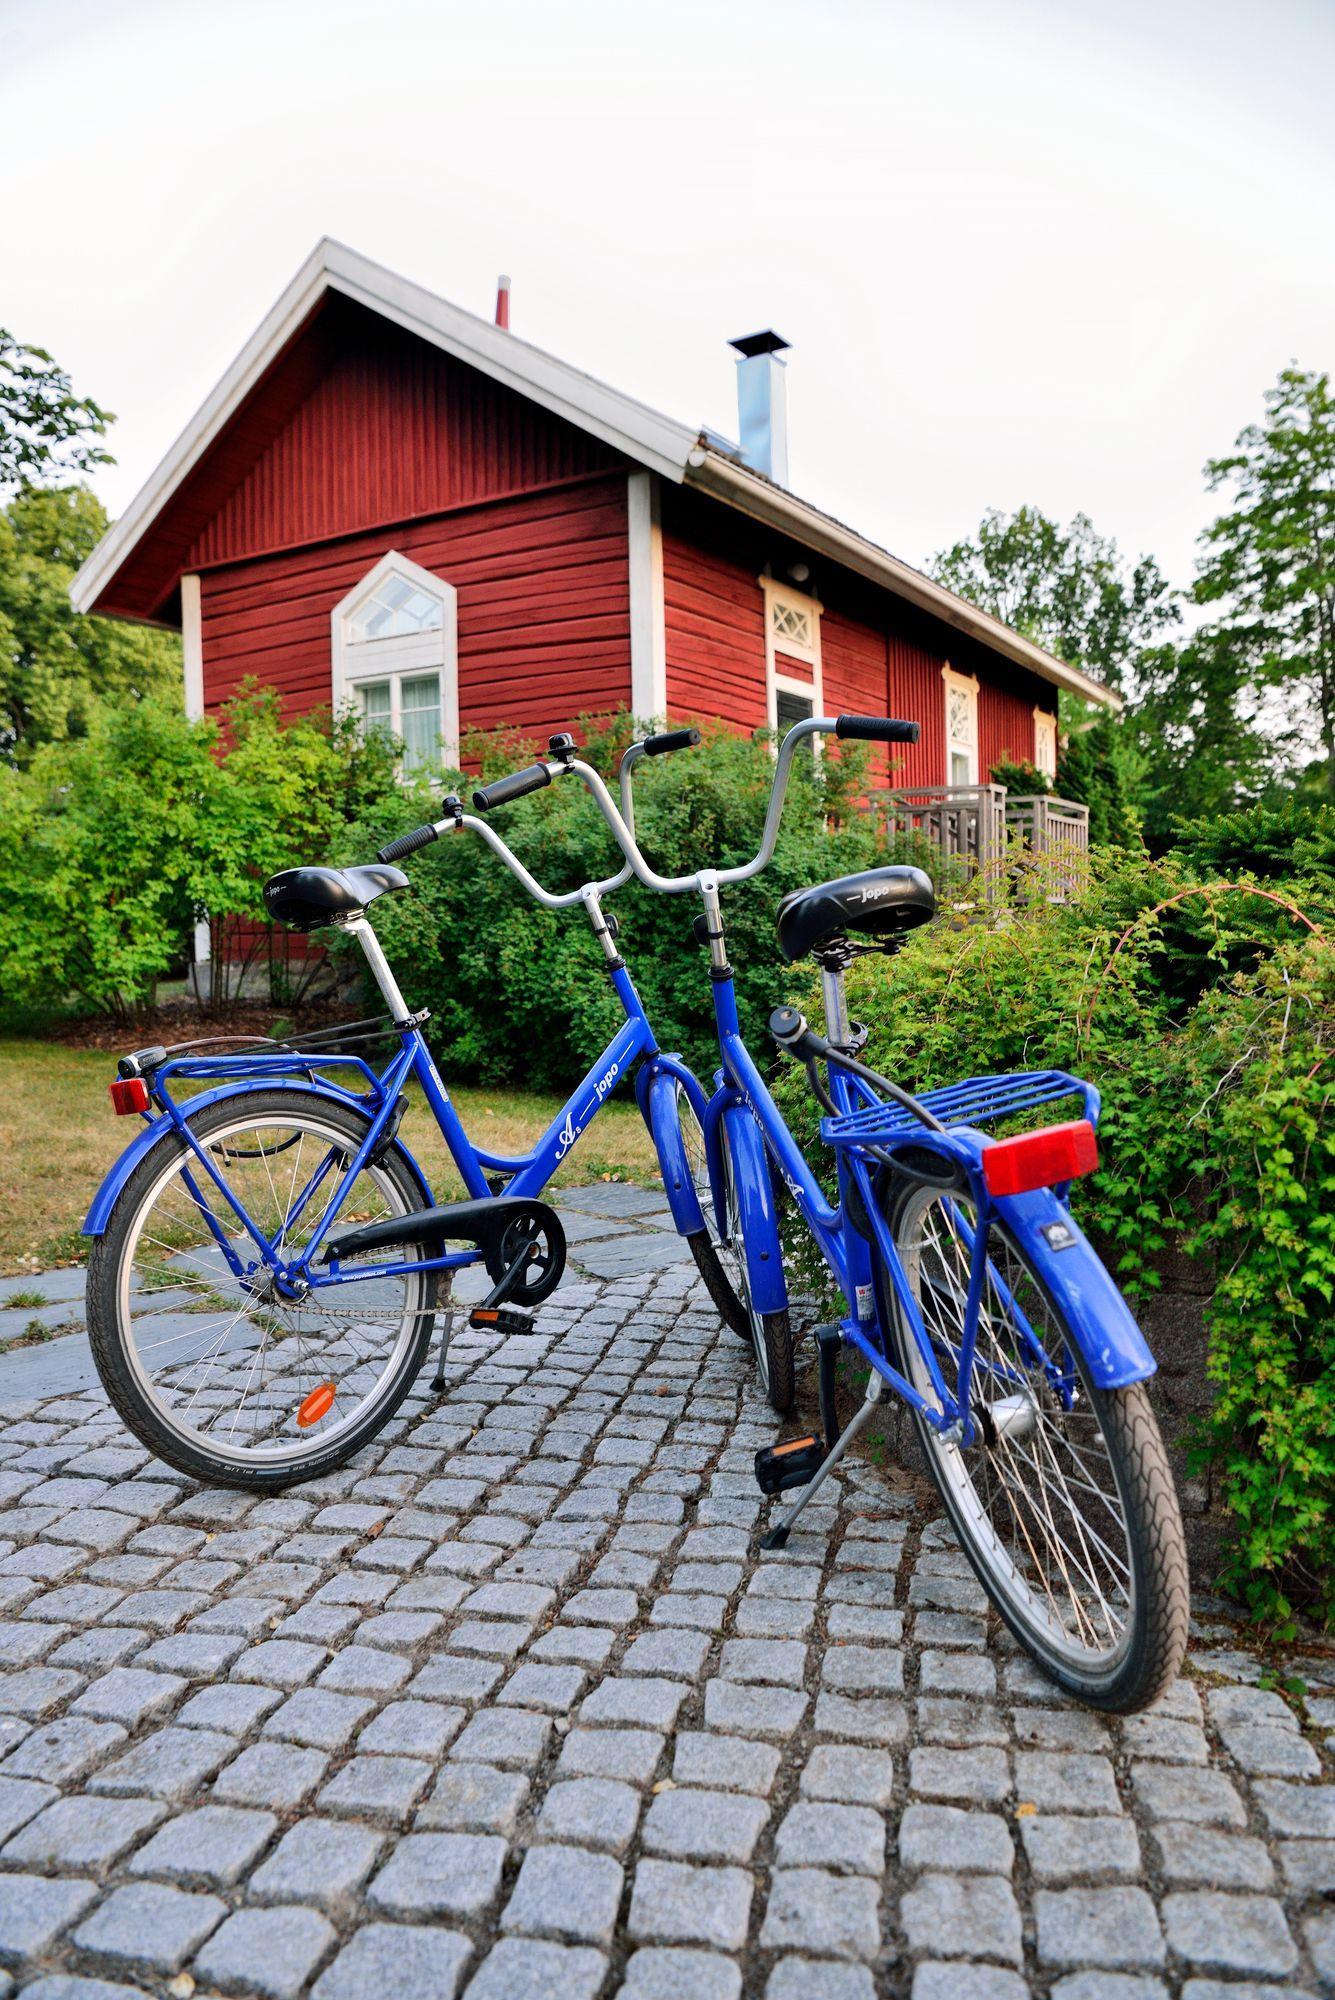 Alueen rakennusten värit kertovat hierarkiasta. Omistajien talot ovat valkoisia, virkailijoiden keltaisia ja työväen punaisia. © Pekka Numminen